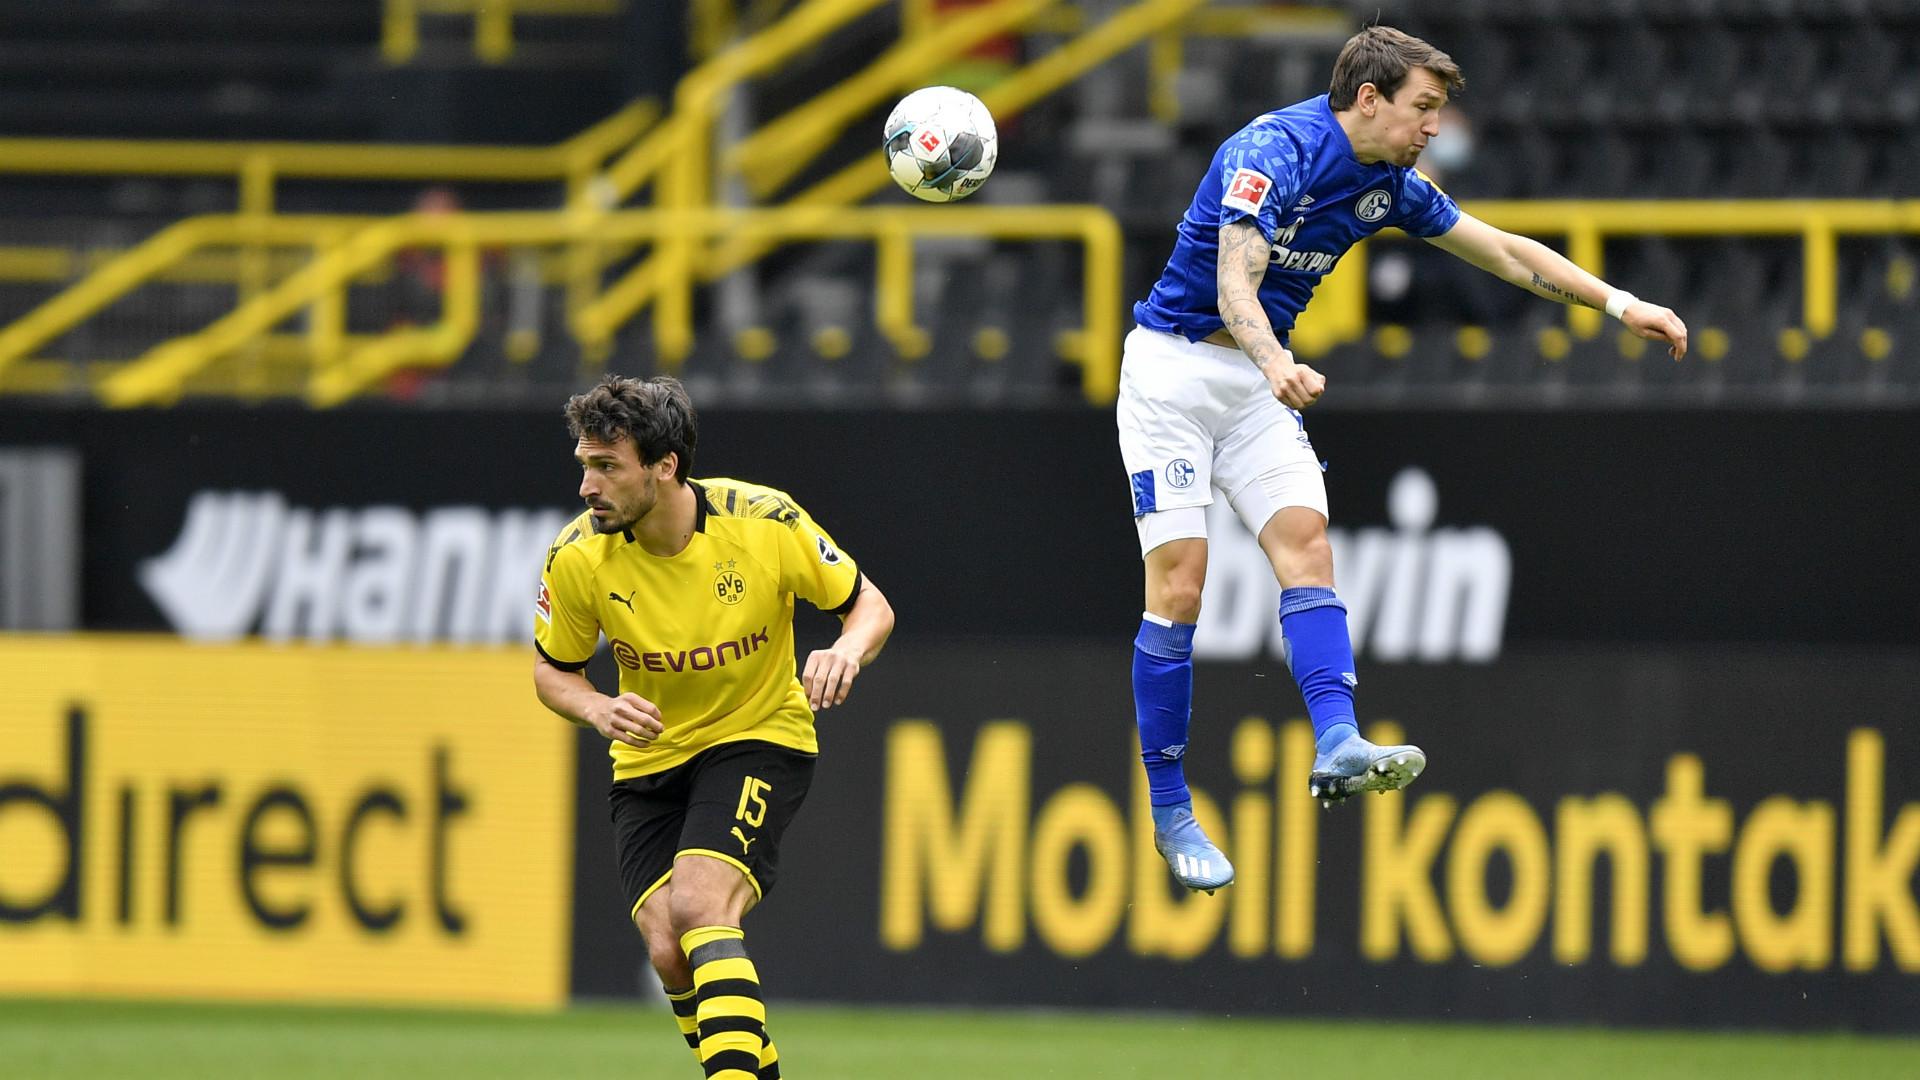 Höchster Derbysieg seit 54 Jahren! BVB überrollt Schalke 04: Revierderby im  TICKER zum Nachlesen